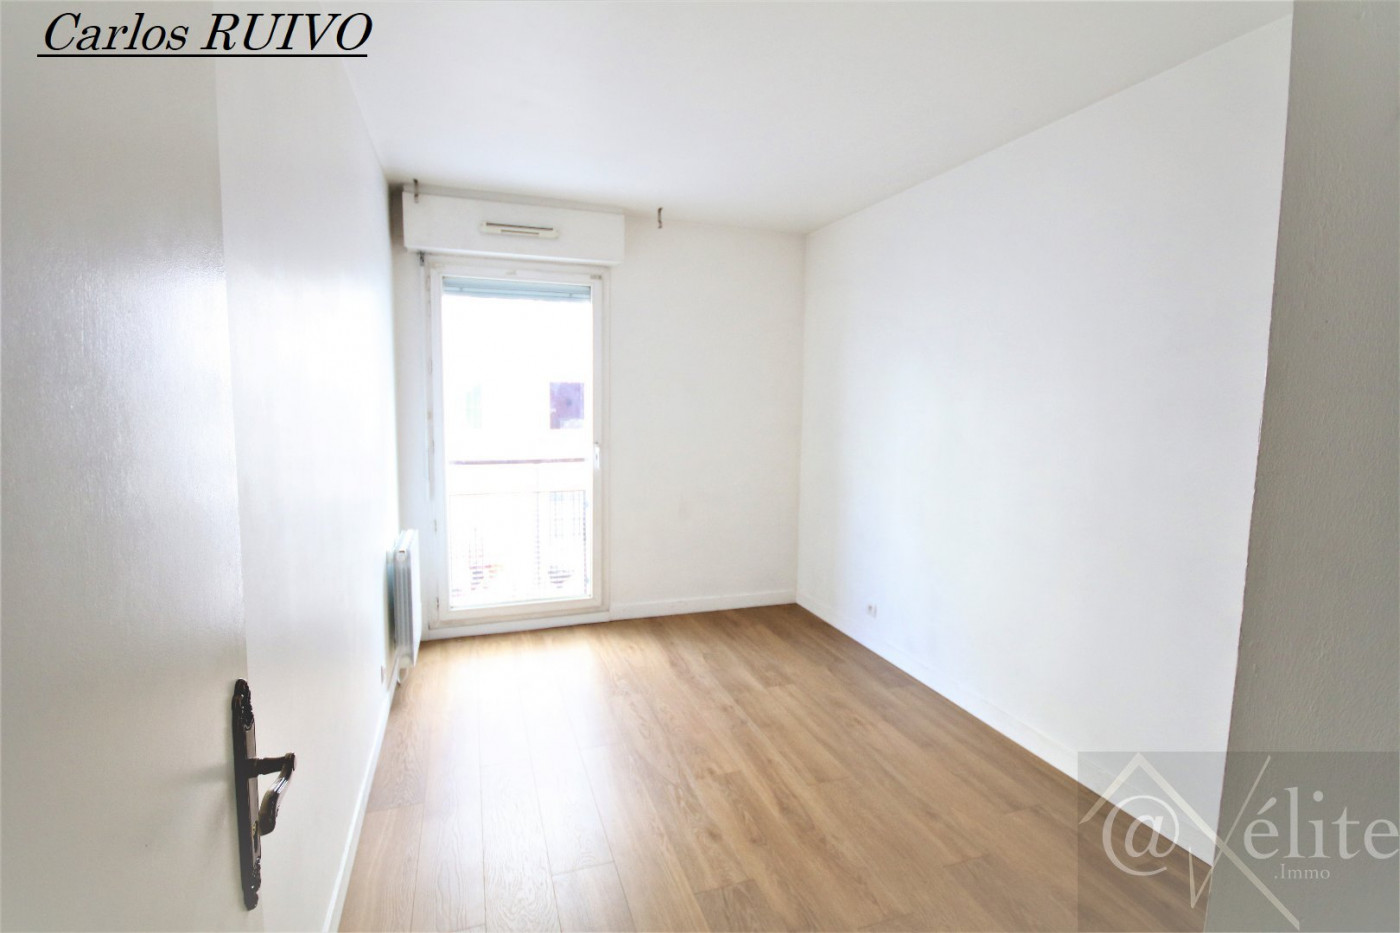 A vendre Paris 18eme Arrondissement 77792905 Axelite sas